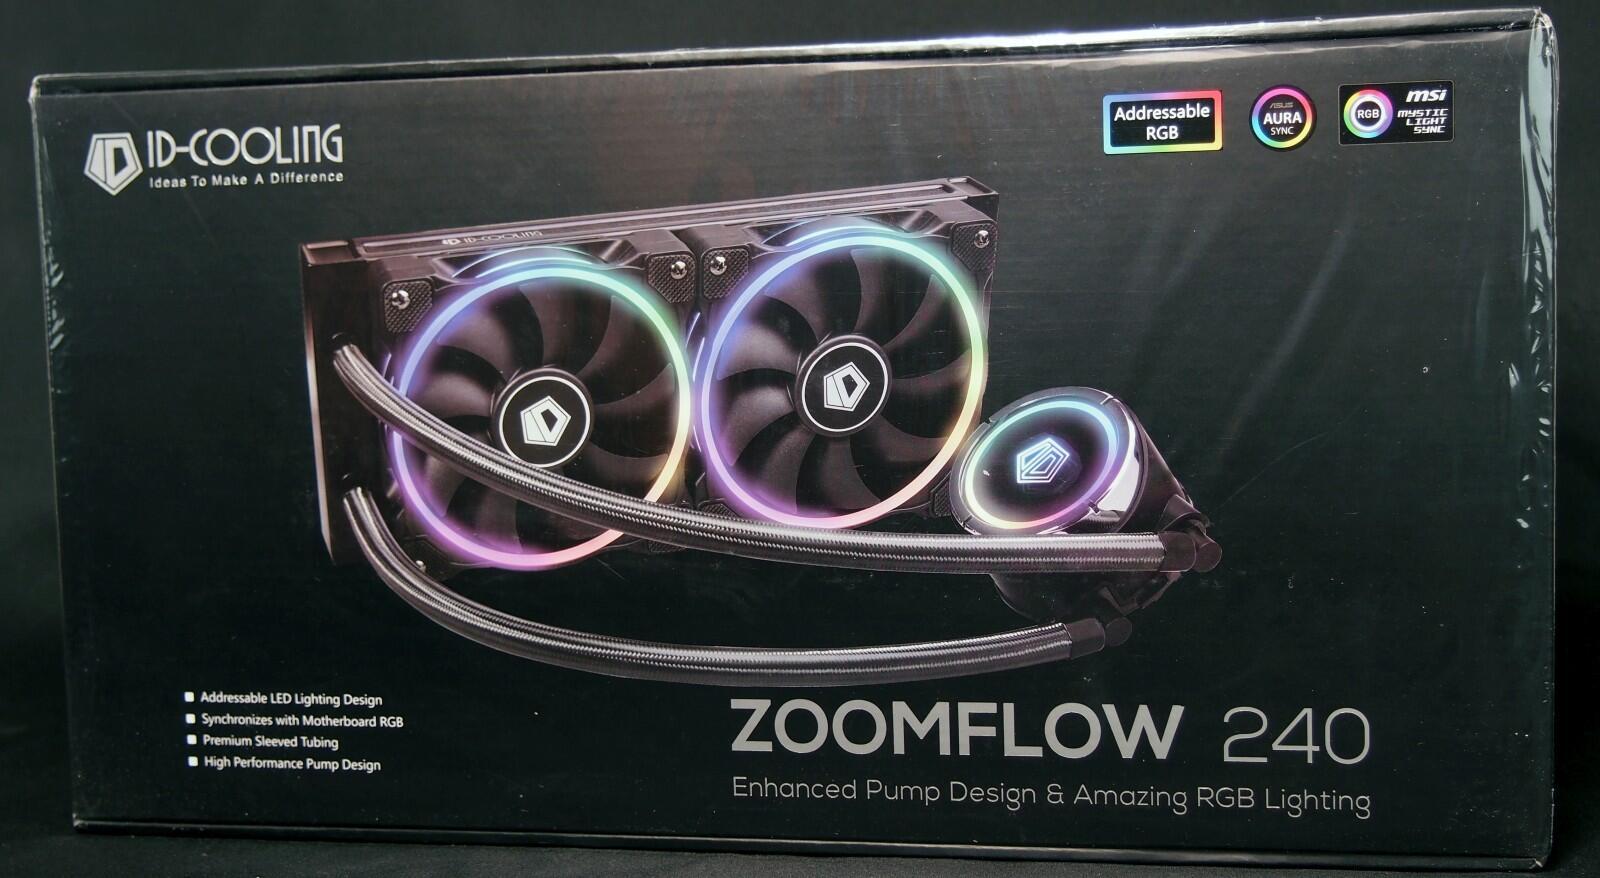 Kompyutery i komplektuyushcie - Obzor sistemy zhidkostnogo ohlazhdeniya ID-Cooling ZoomFlow 240